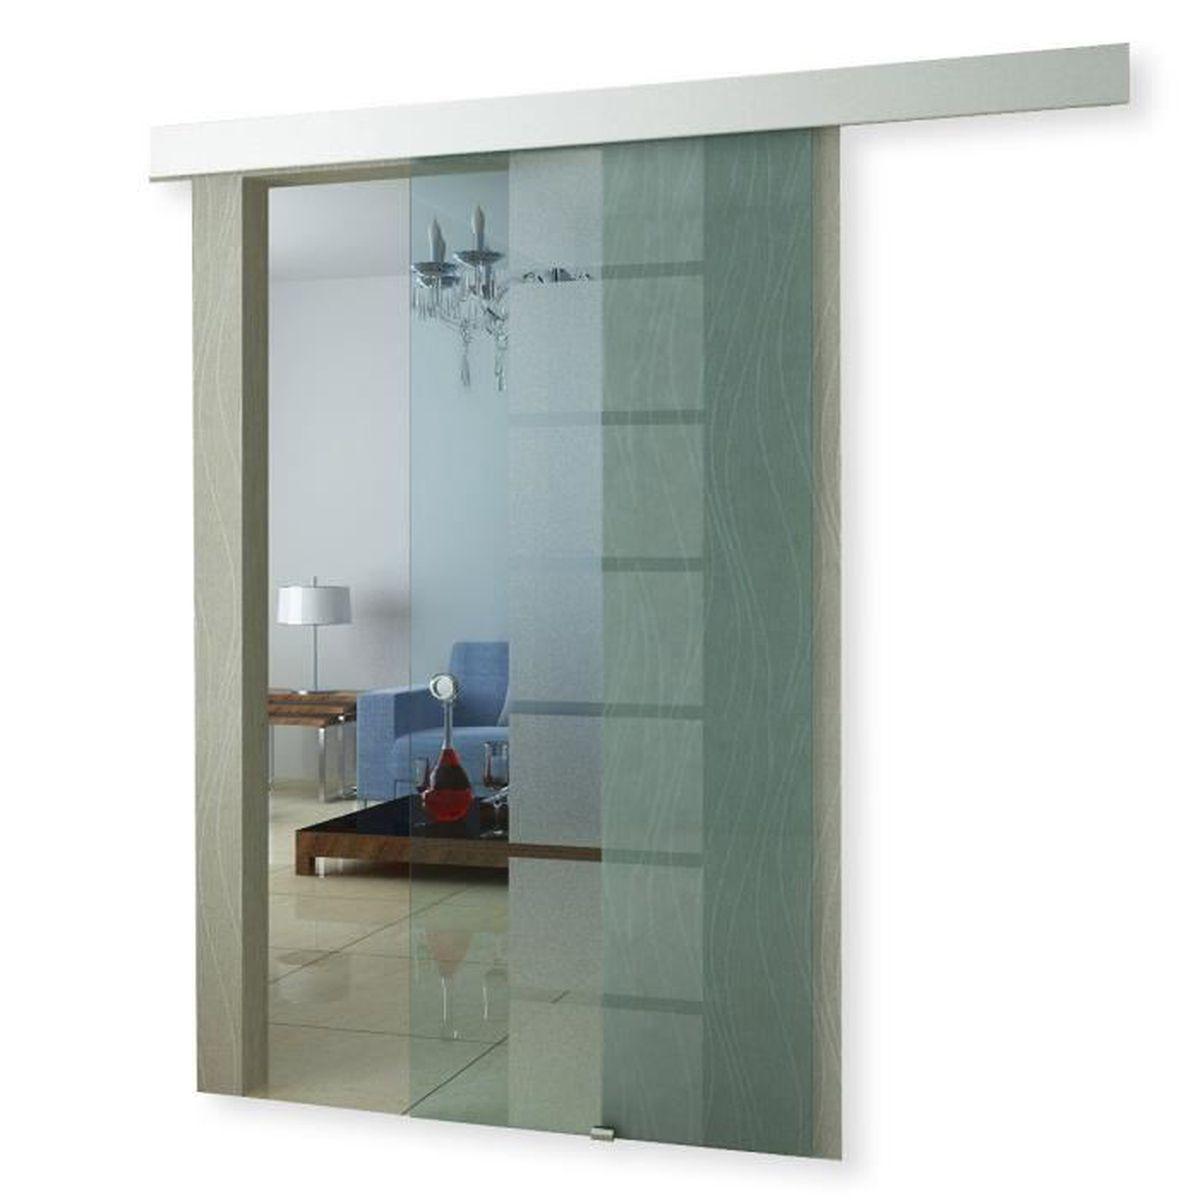 Porte coulissante en verre à galandage Transparent - Achat / Vente